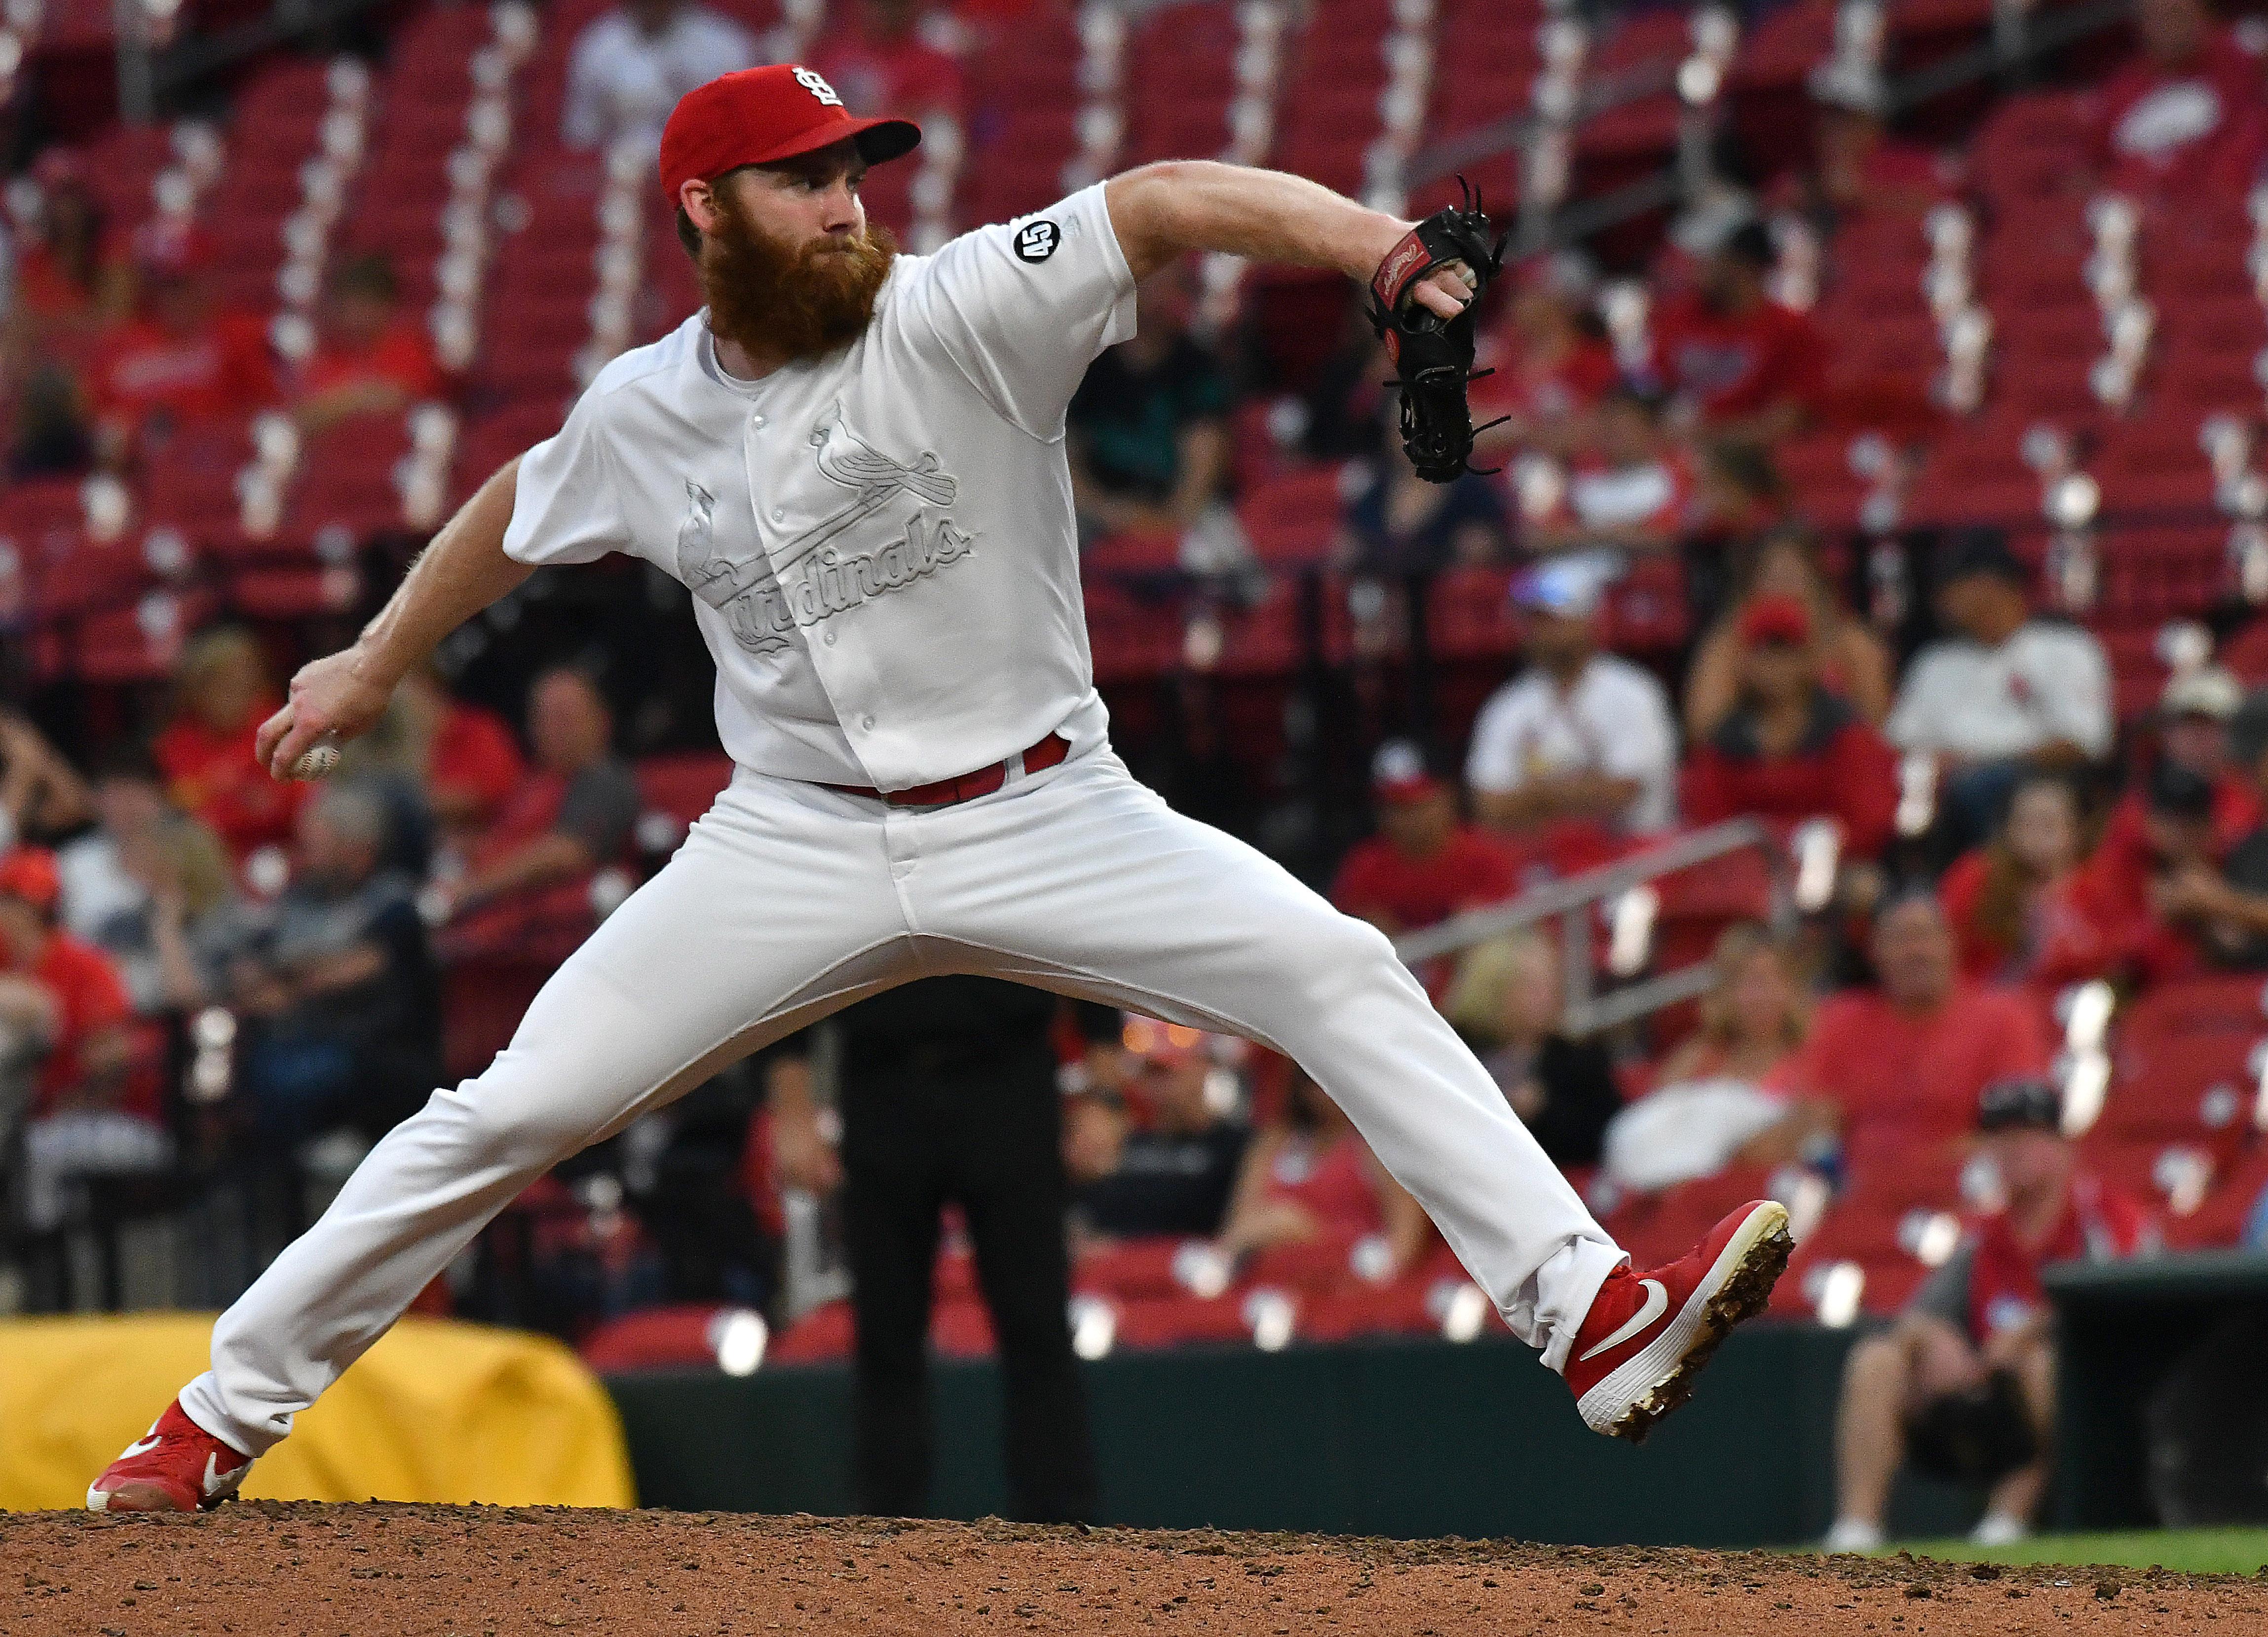 MLB: AUG 25 Rockies at Cardinals